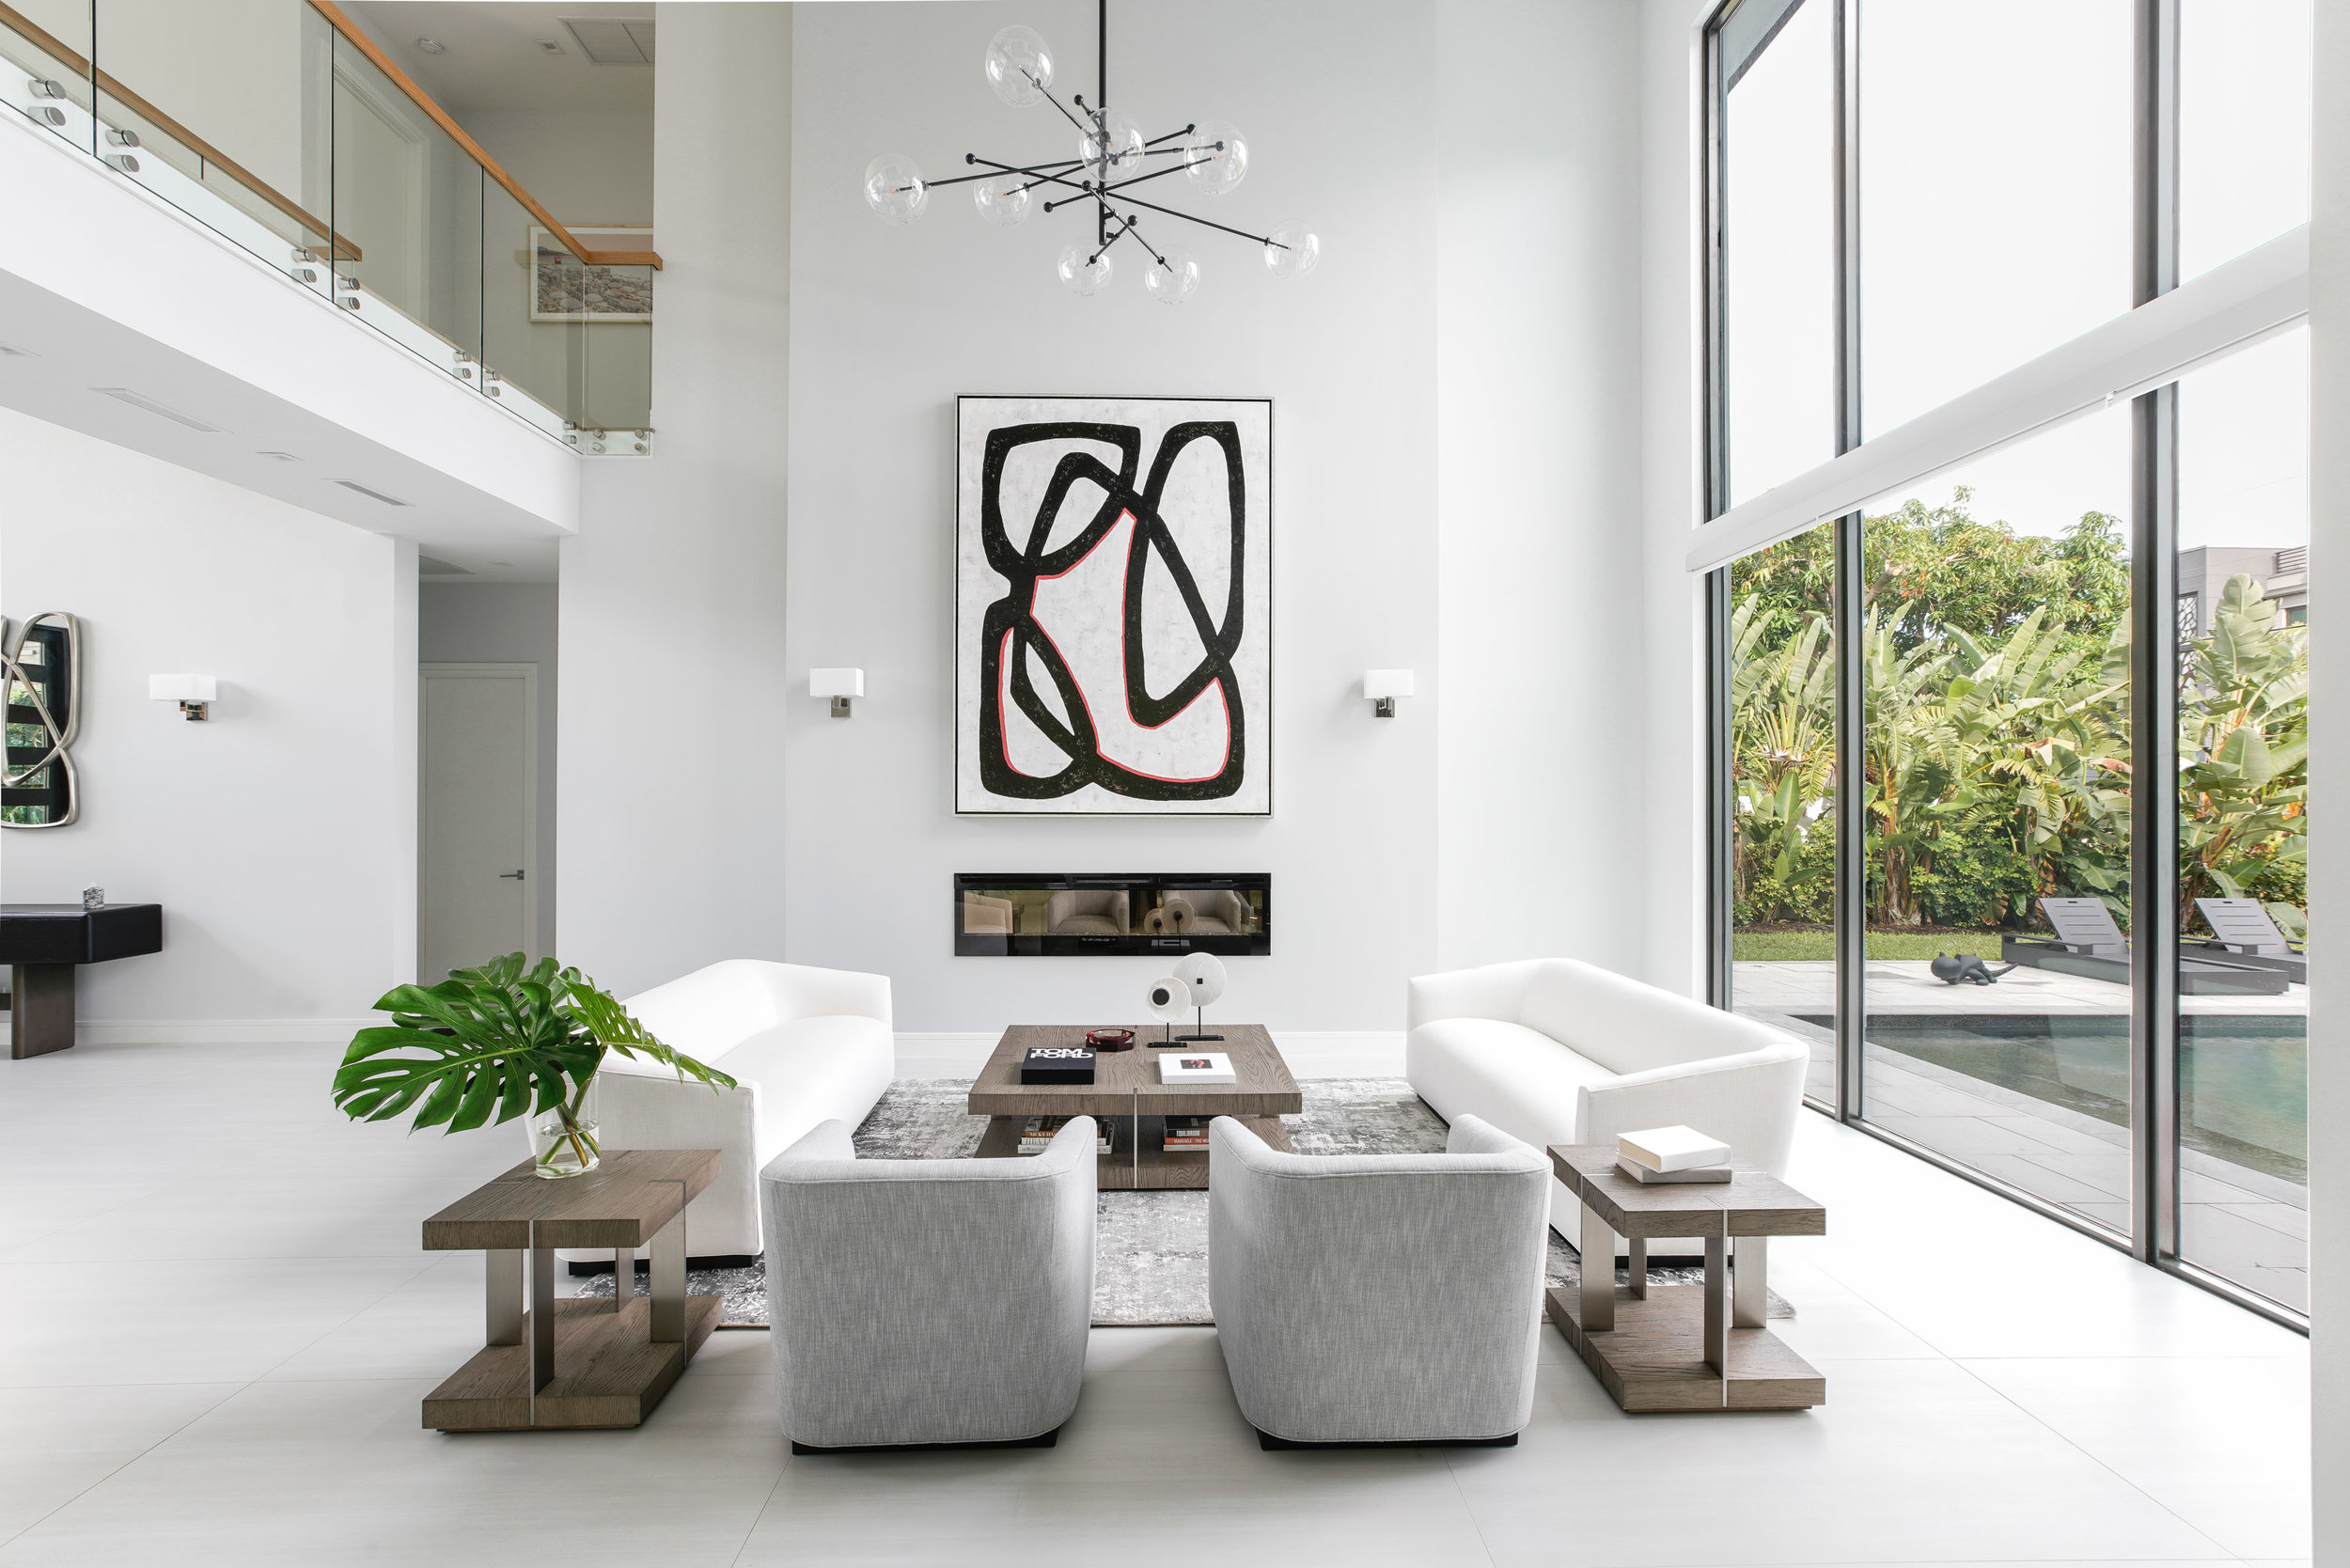 Contemporary Design - Boca Raton-8.jpg